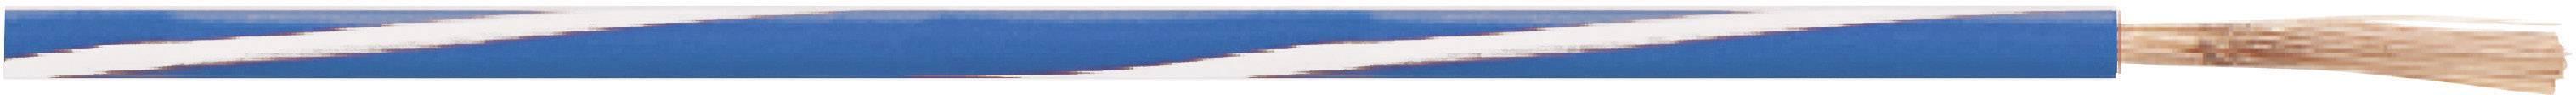 Opletenie / lanko LappKabel 4512351S X05V-K, 1 x 0.50 mm², vonkajší Ø 2.10 mm, metrový tovar, fialová, čierna